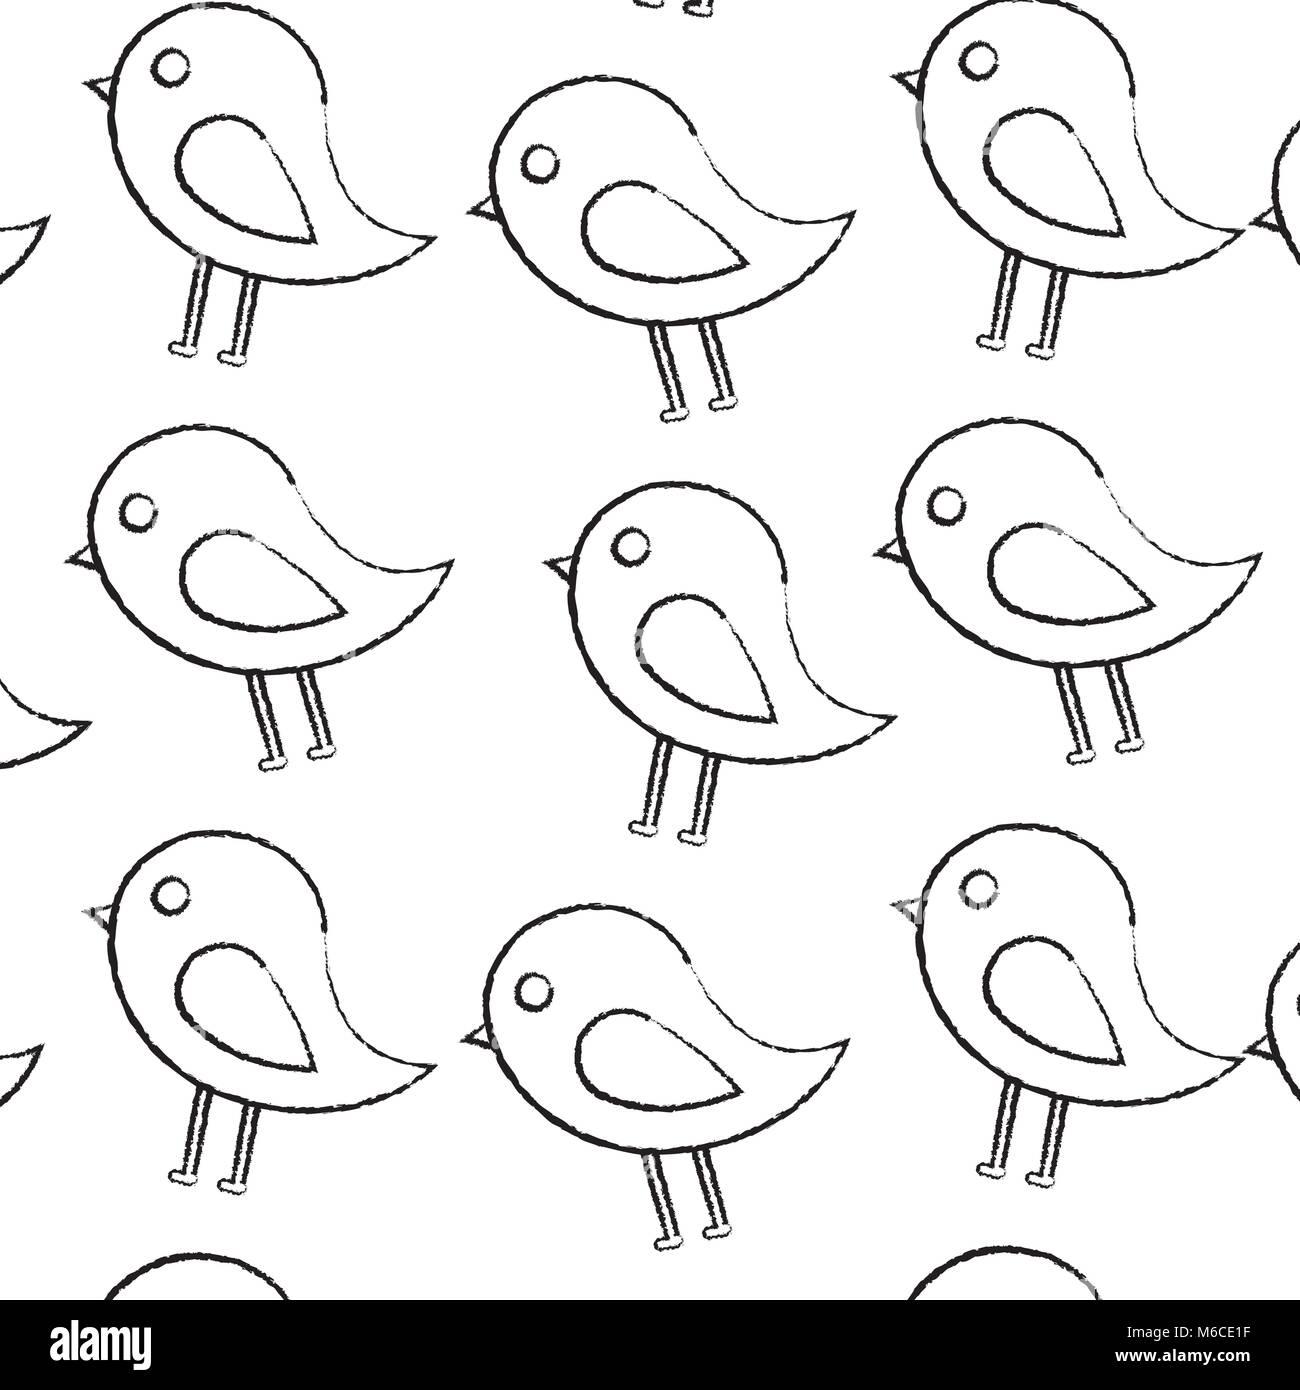 bird cartoon icon image  Stock Vector